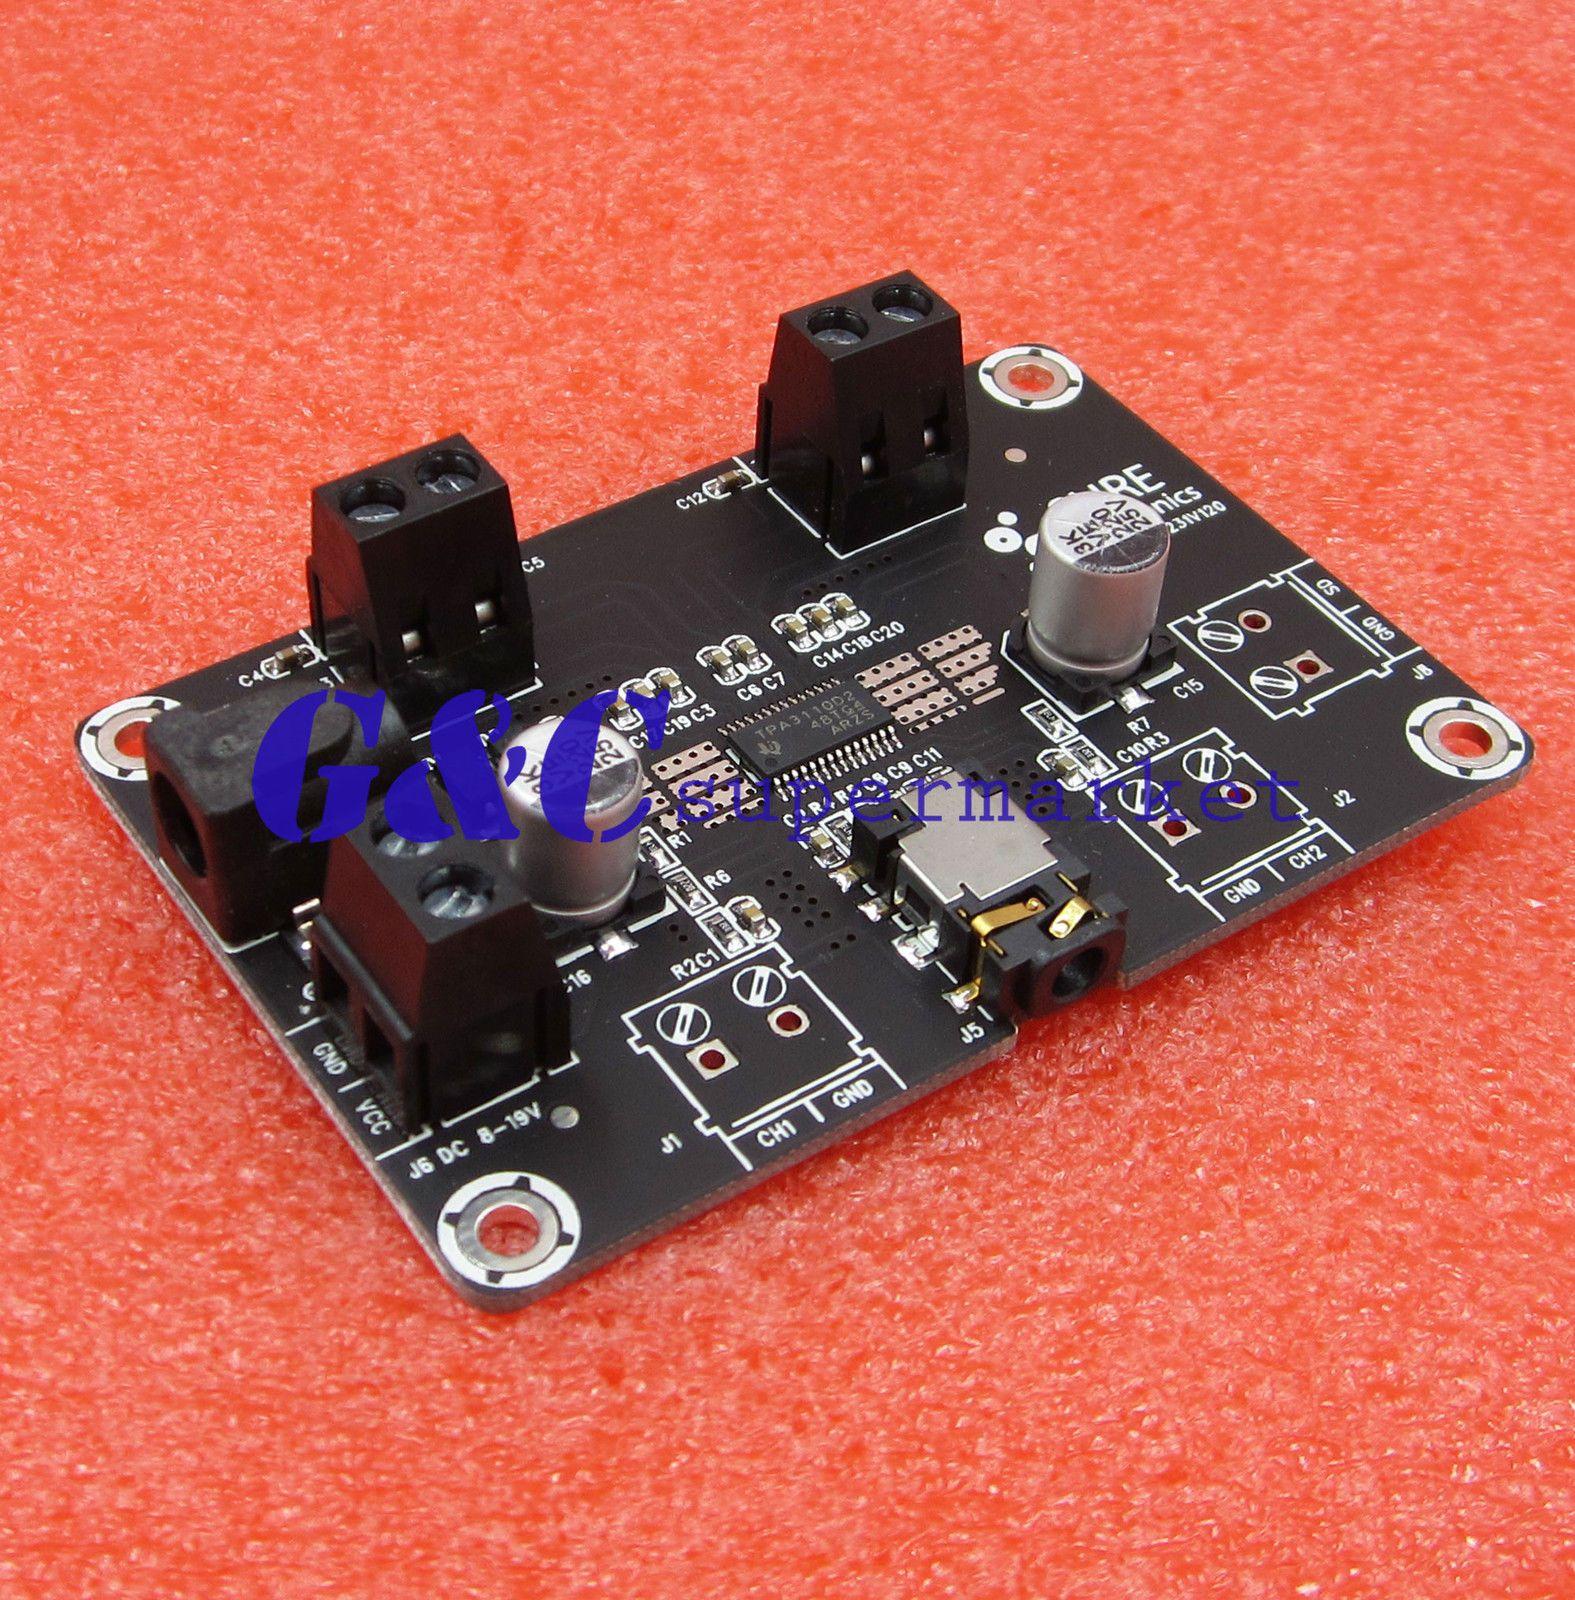 $8 72 - 2 X 8Watt Class D Audio Amplifier Board - Tpa3110 2W